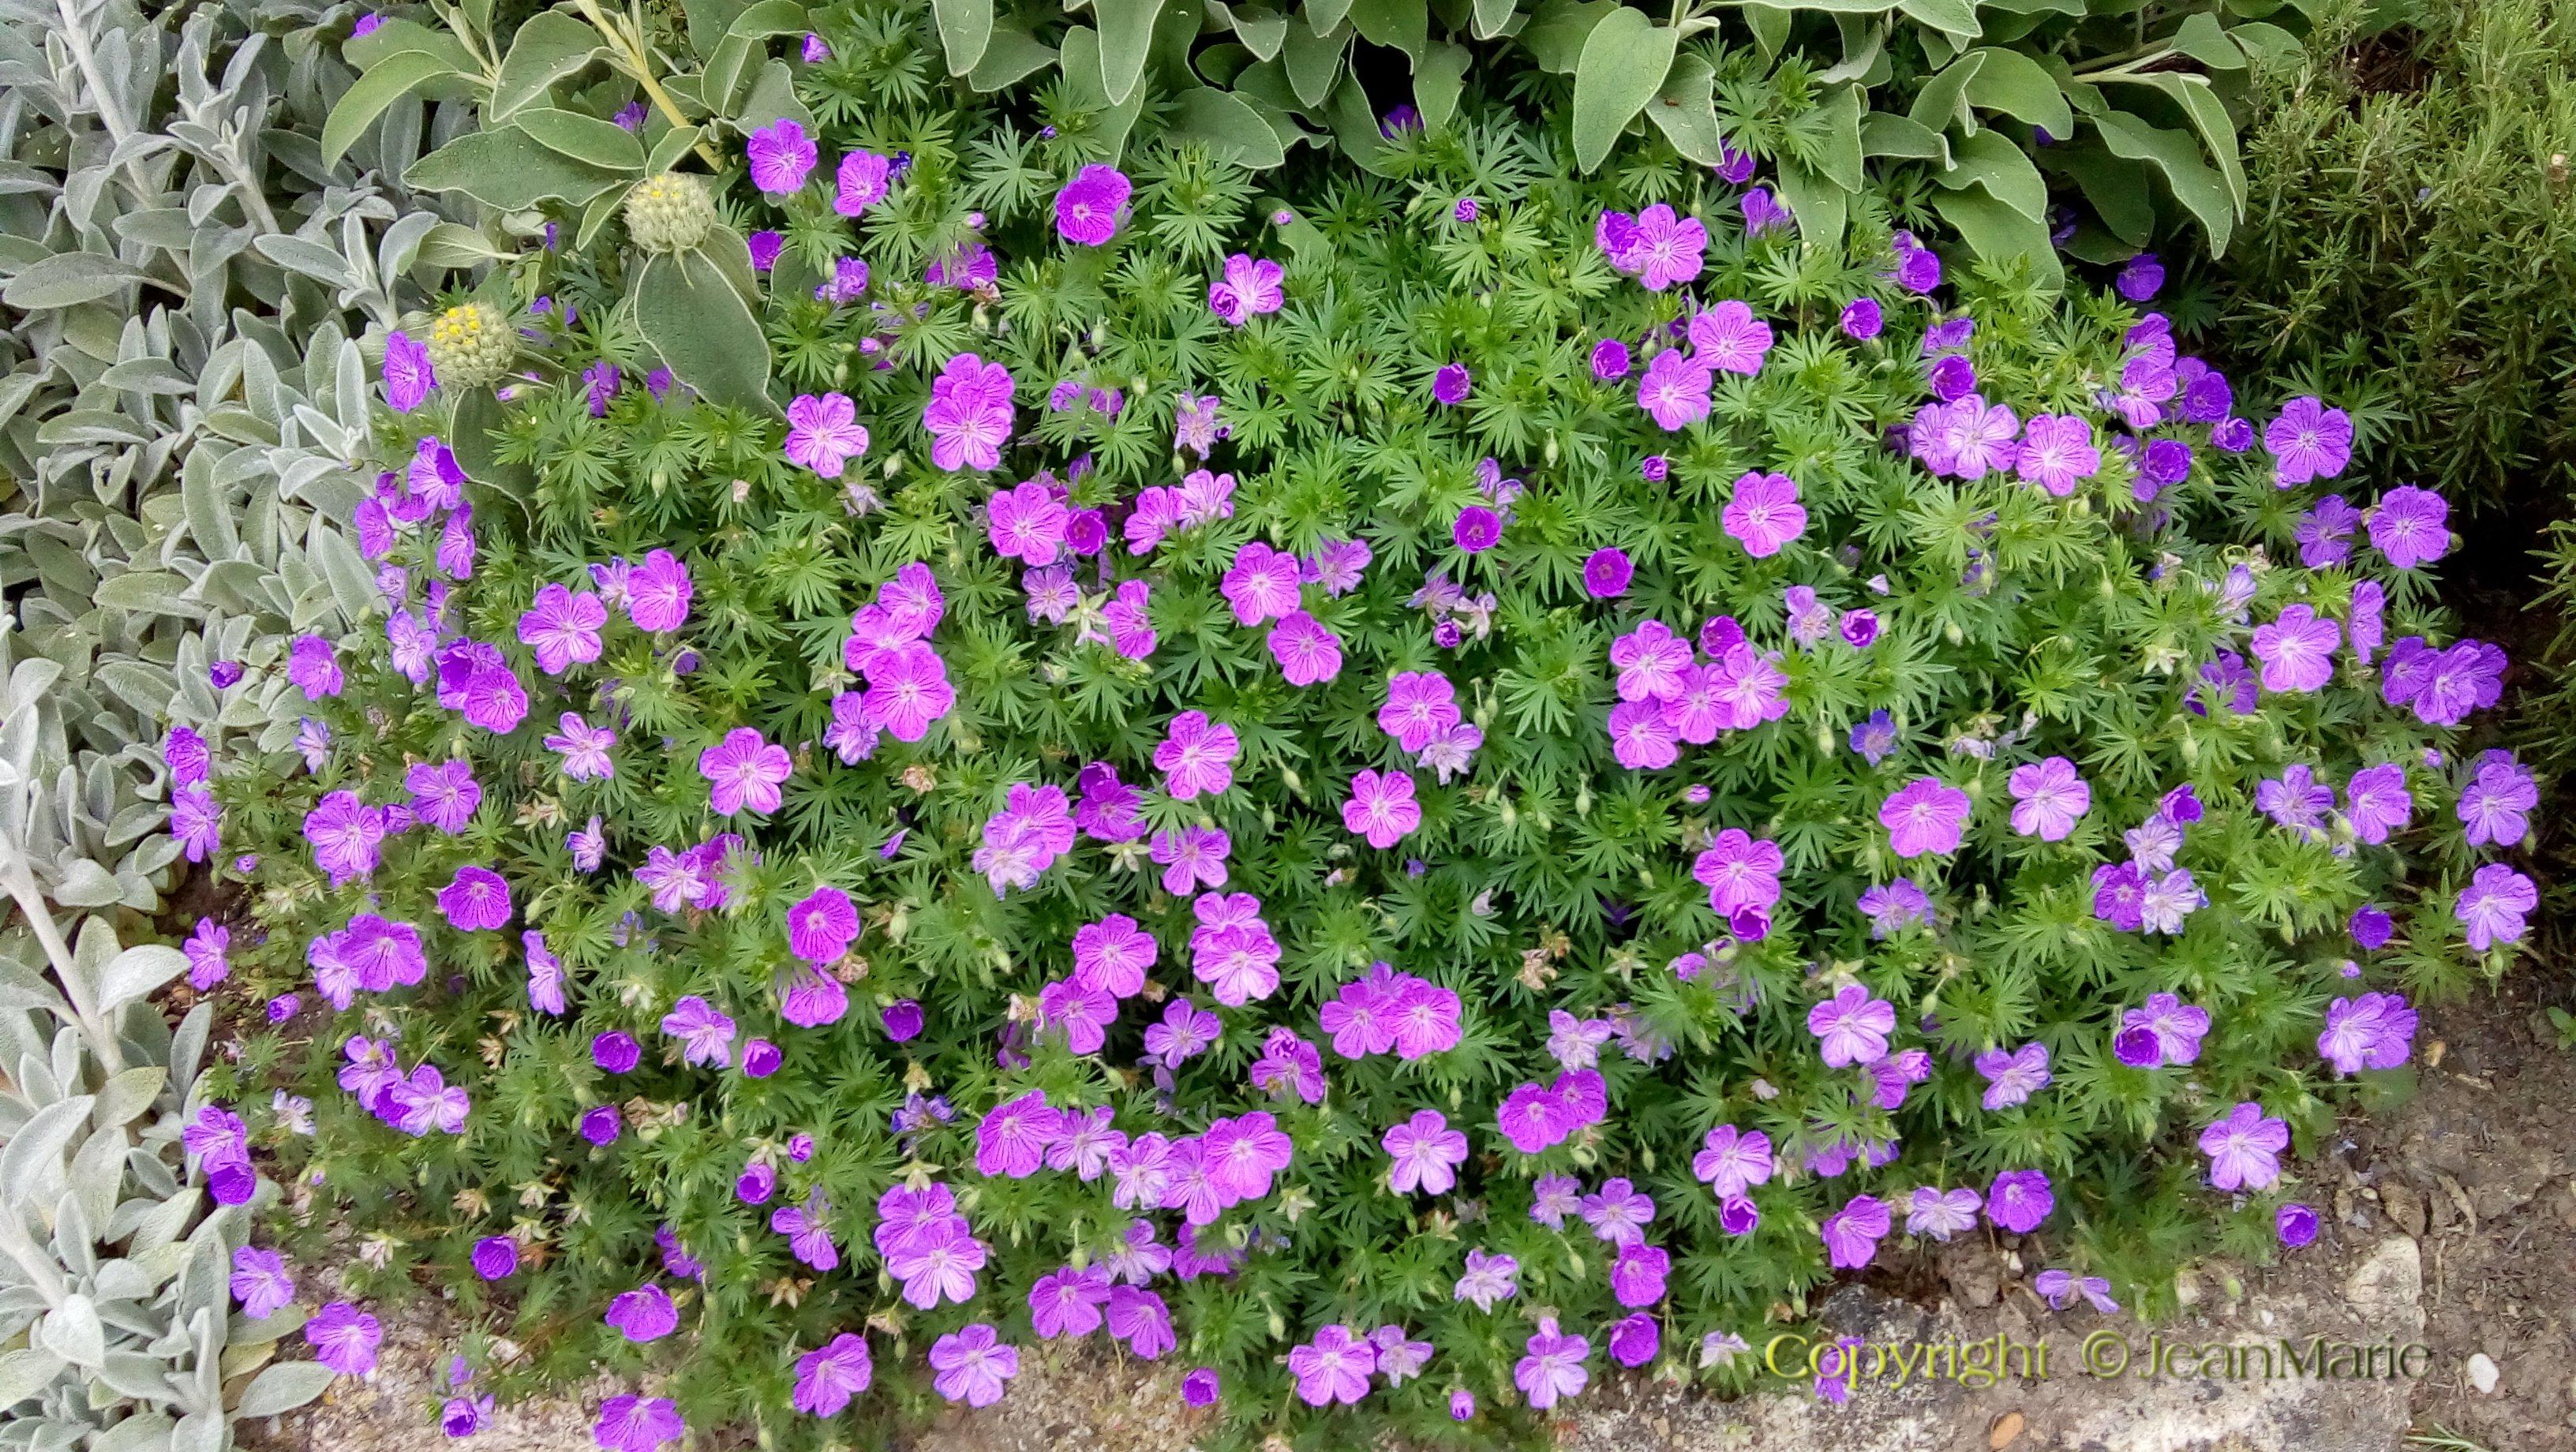 Plante Couvre Sol Soleil géranium vivace sanguineum, - le jardin de jean marie